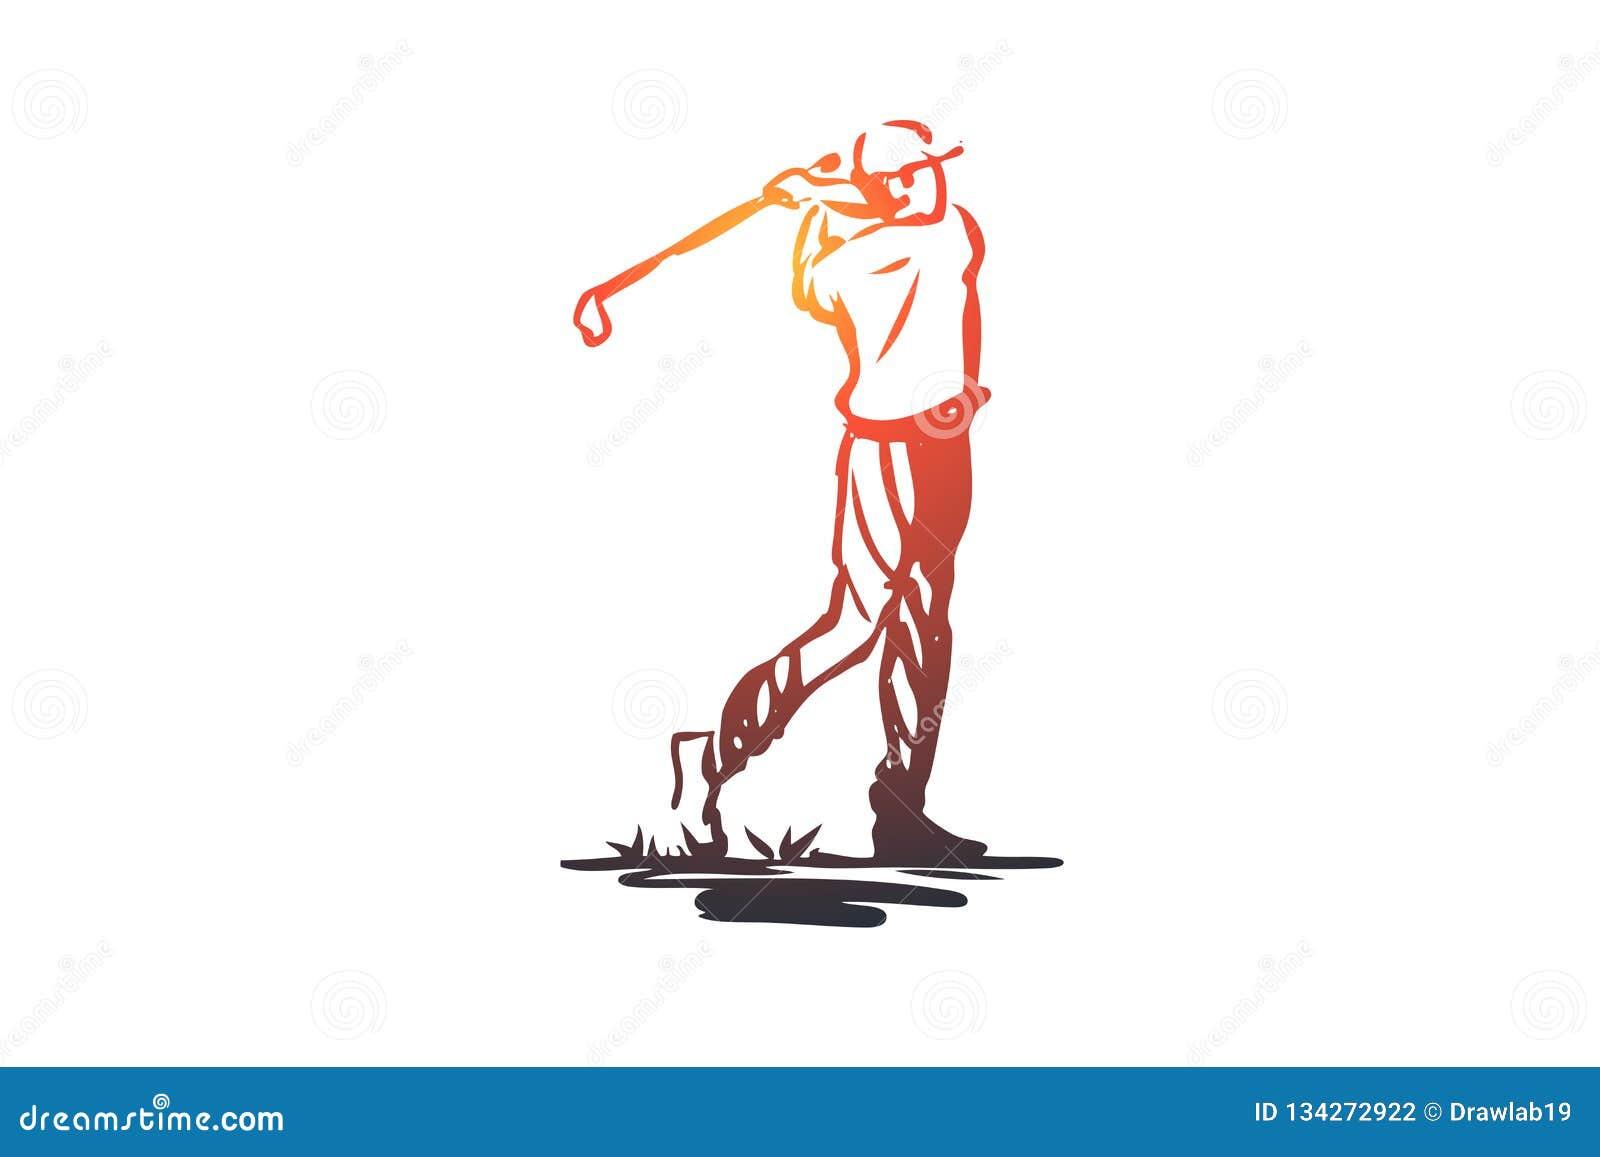 Golf, Turnier, Spiel, Sport, Golfspielerkonzept Hand gezeichneter lokalisierter Vektor